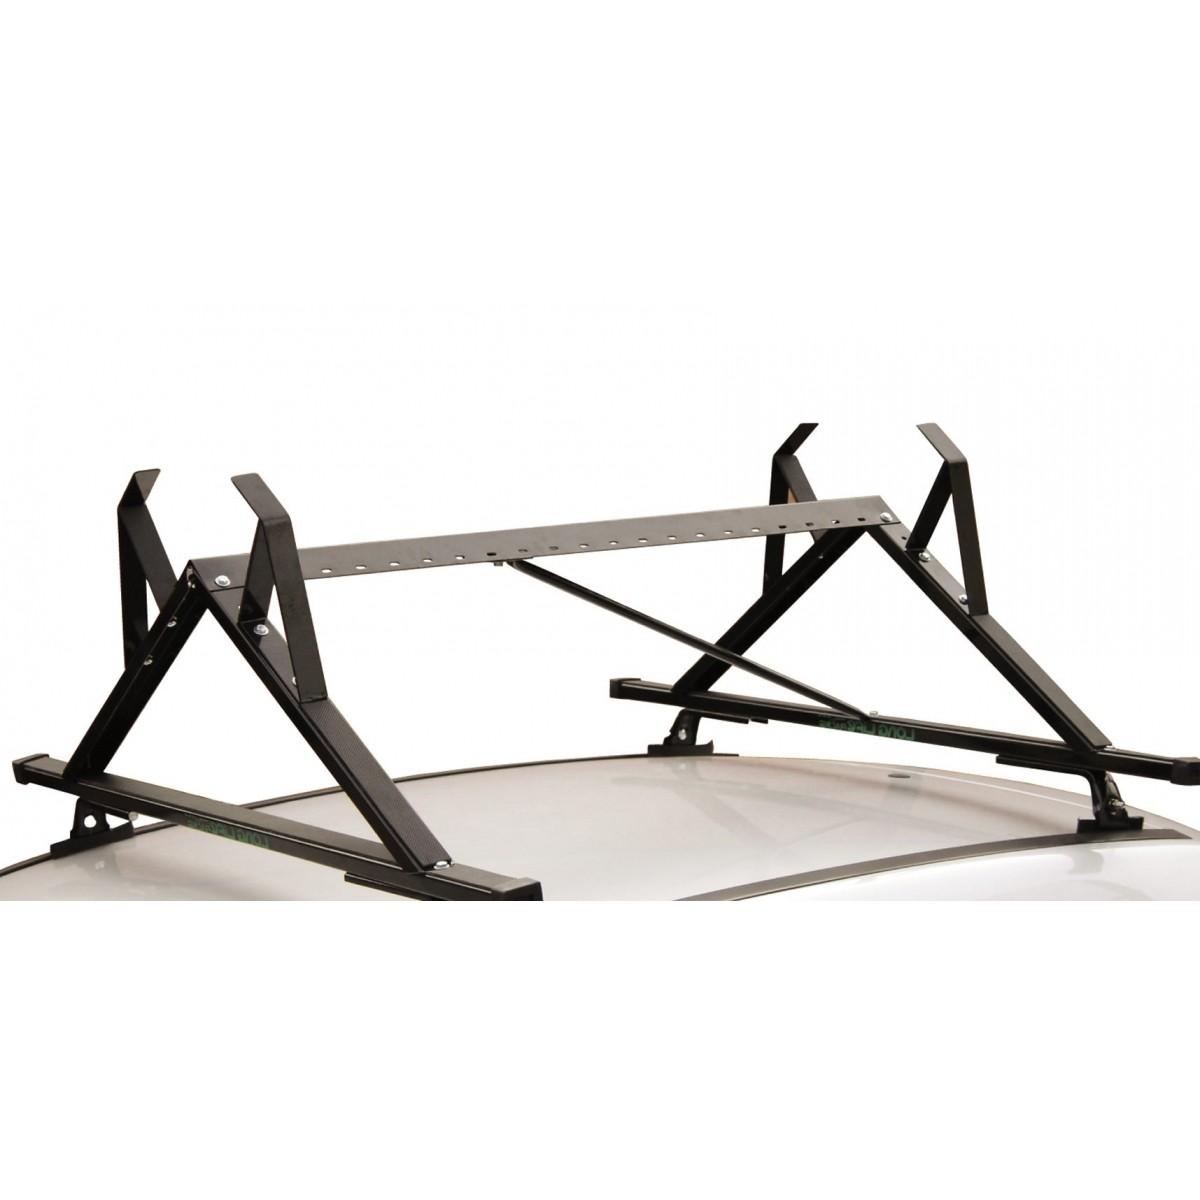 Kit Rack Longlife Aço + Porta Escadas Sandero Logan Todos